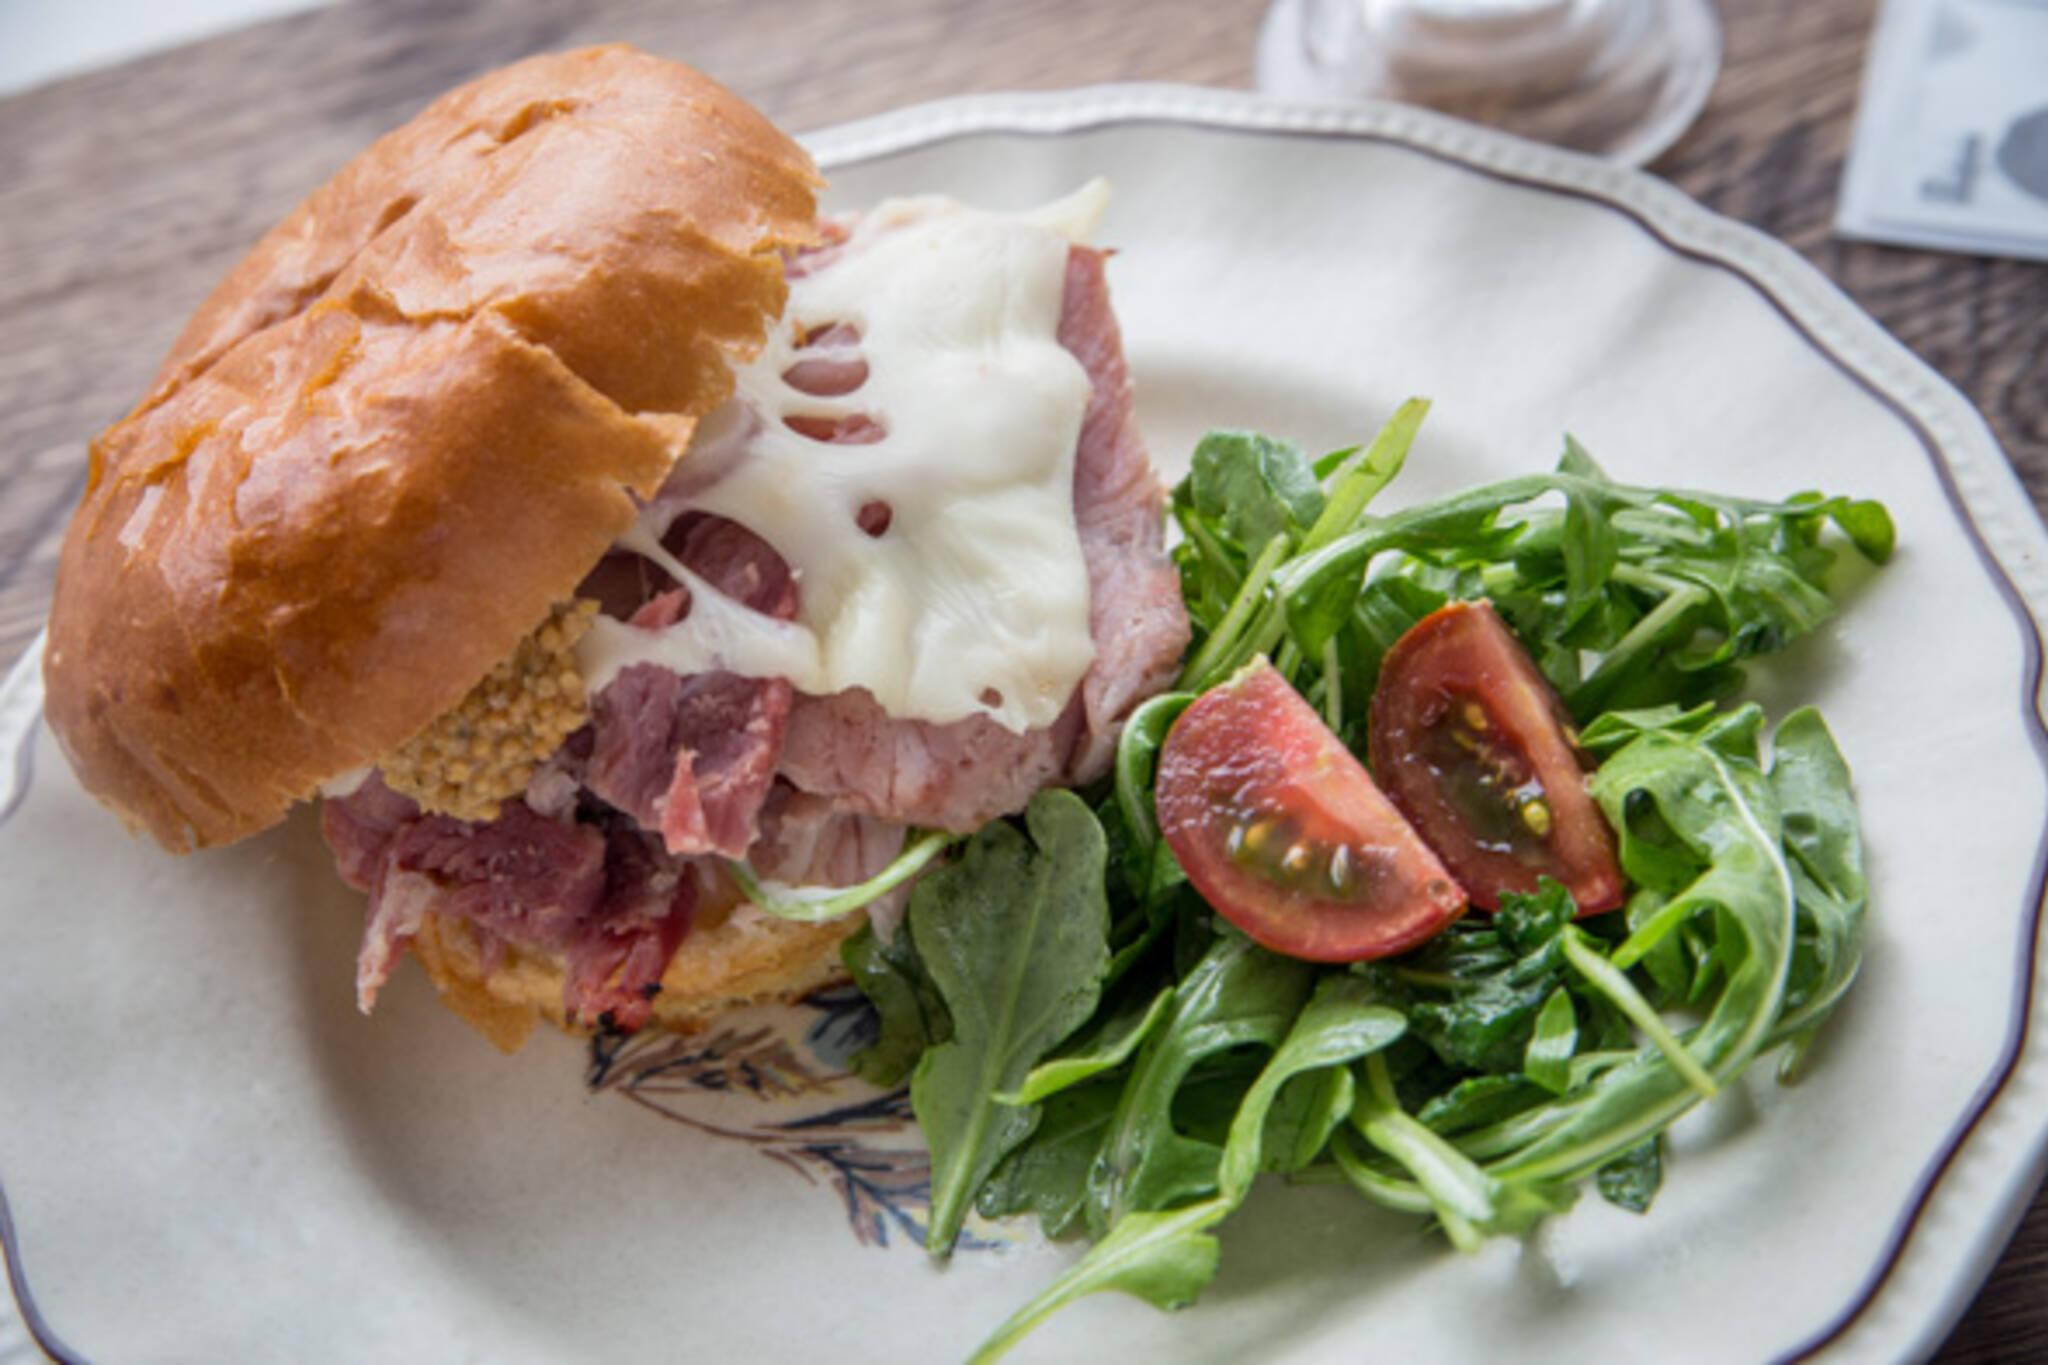 sandwich shop toronto